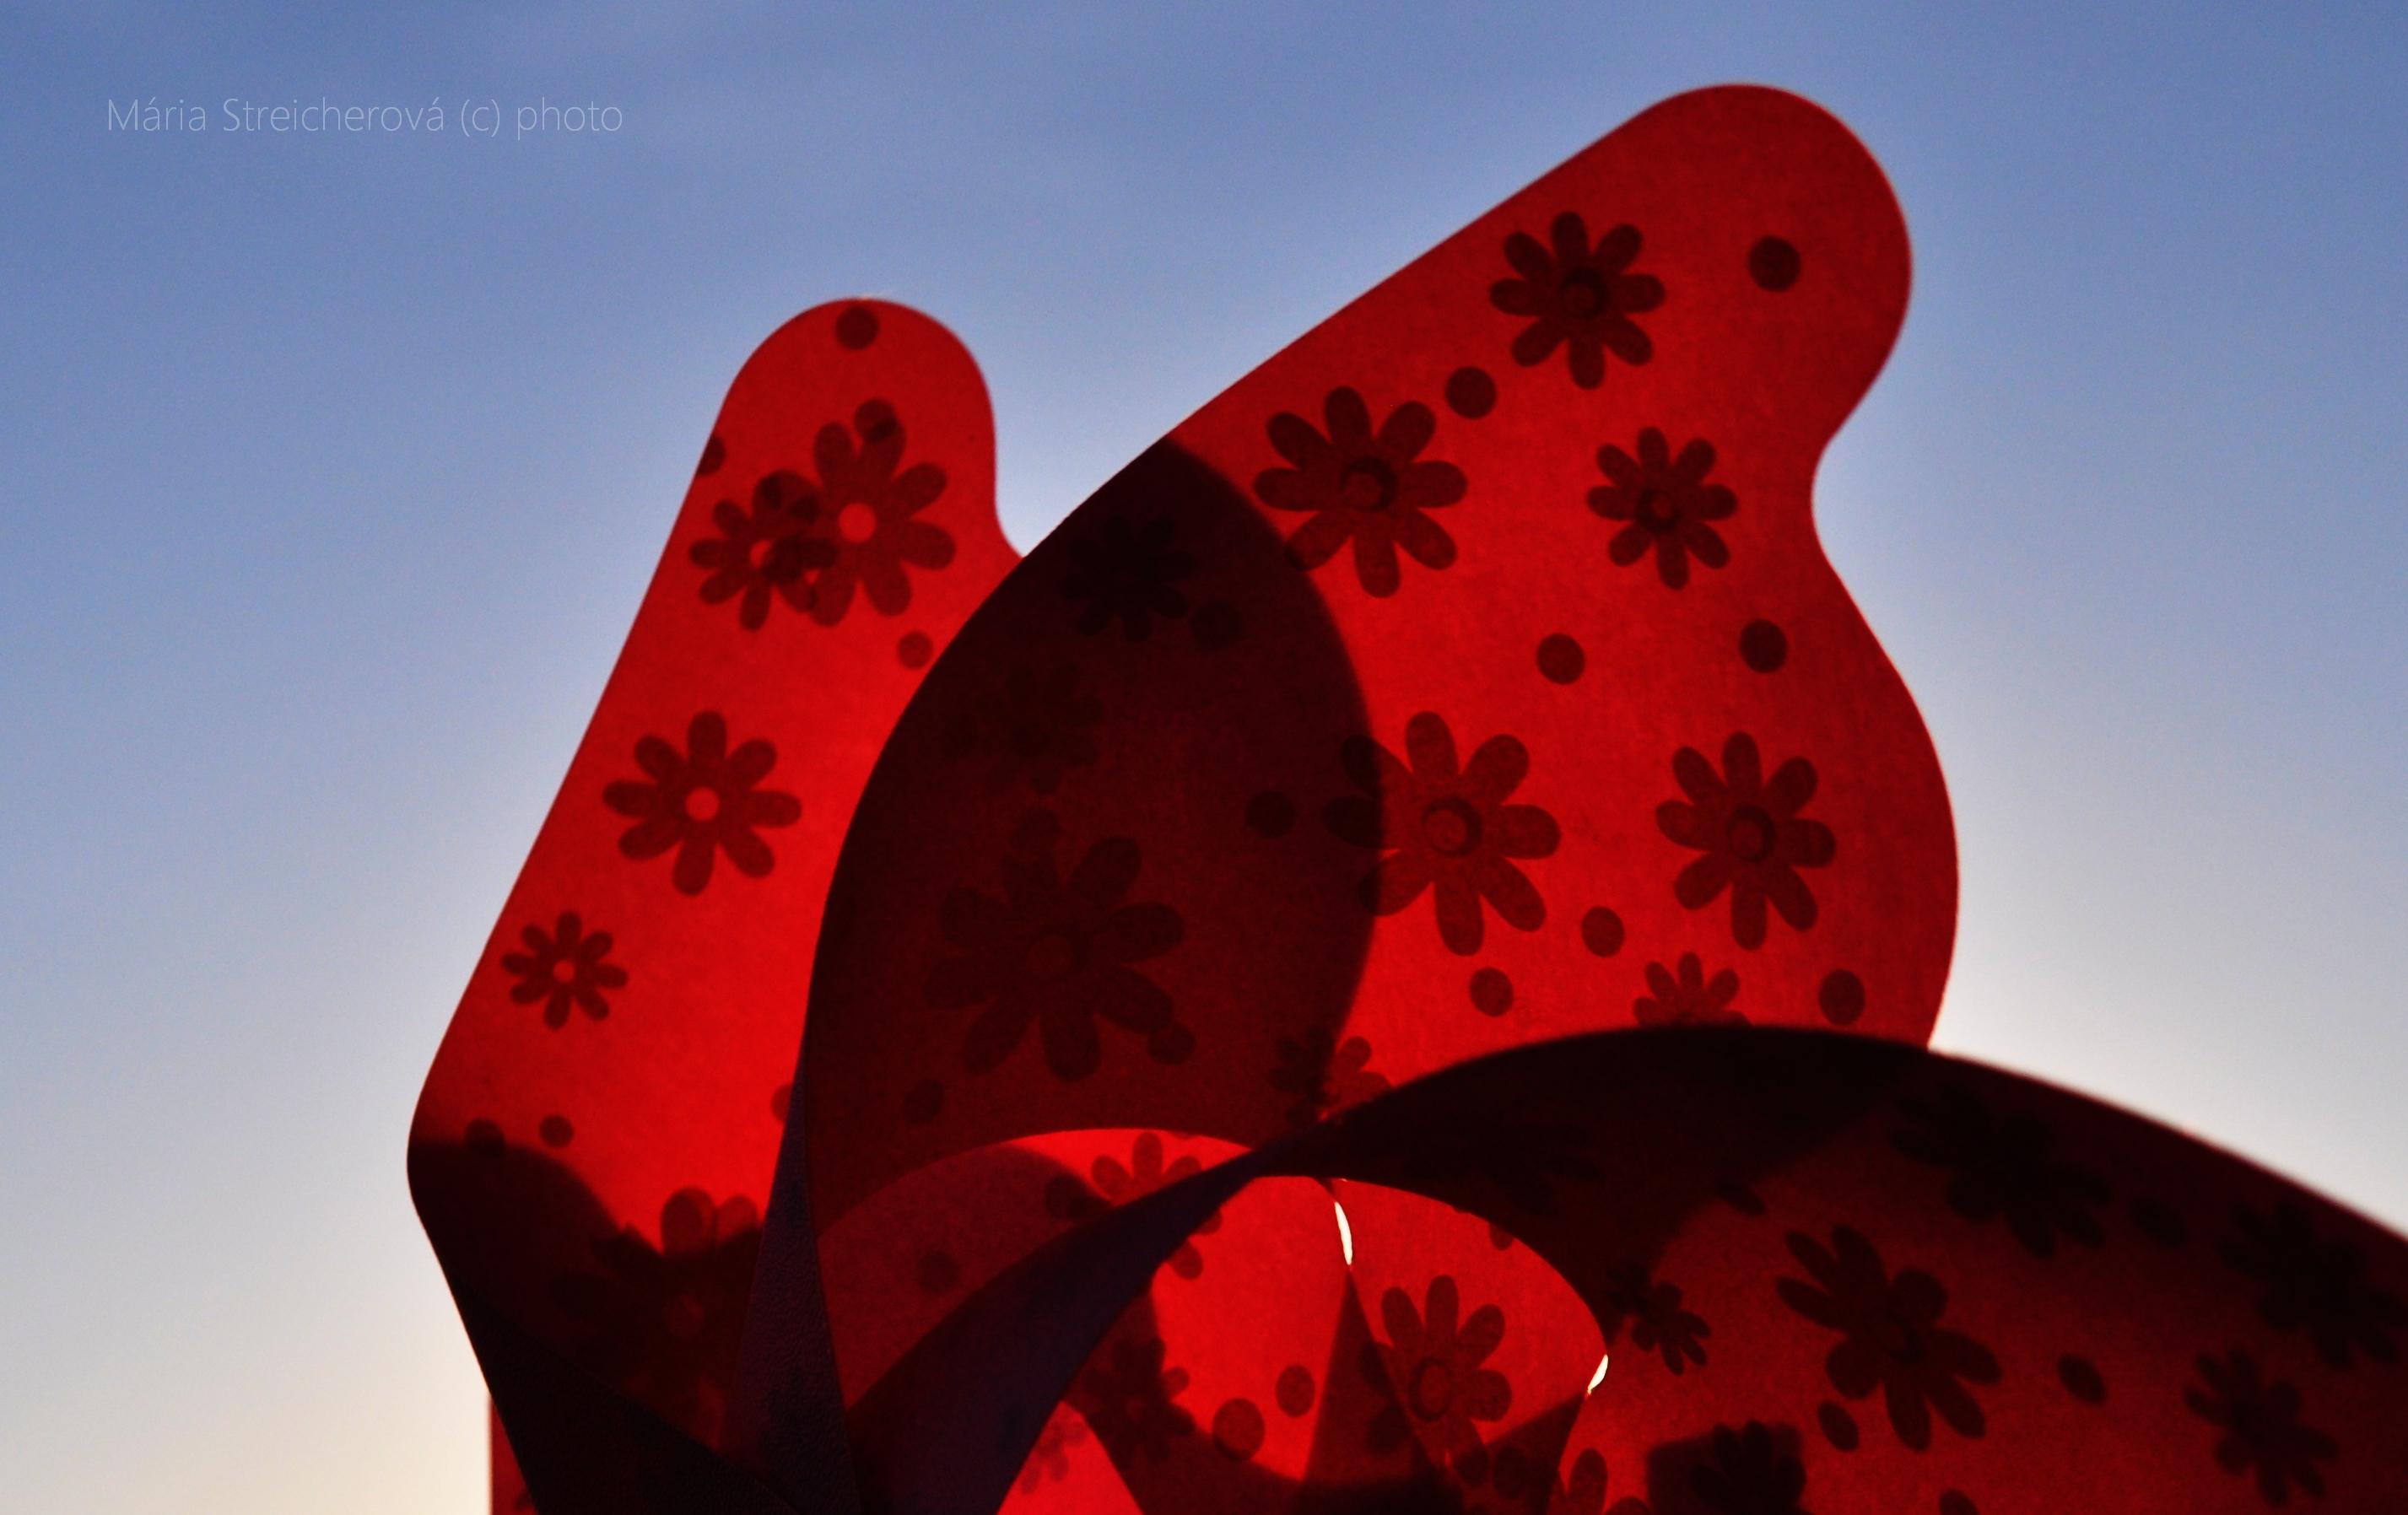 Listy červenej vrtuľky v protisvetle